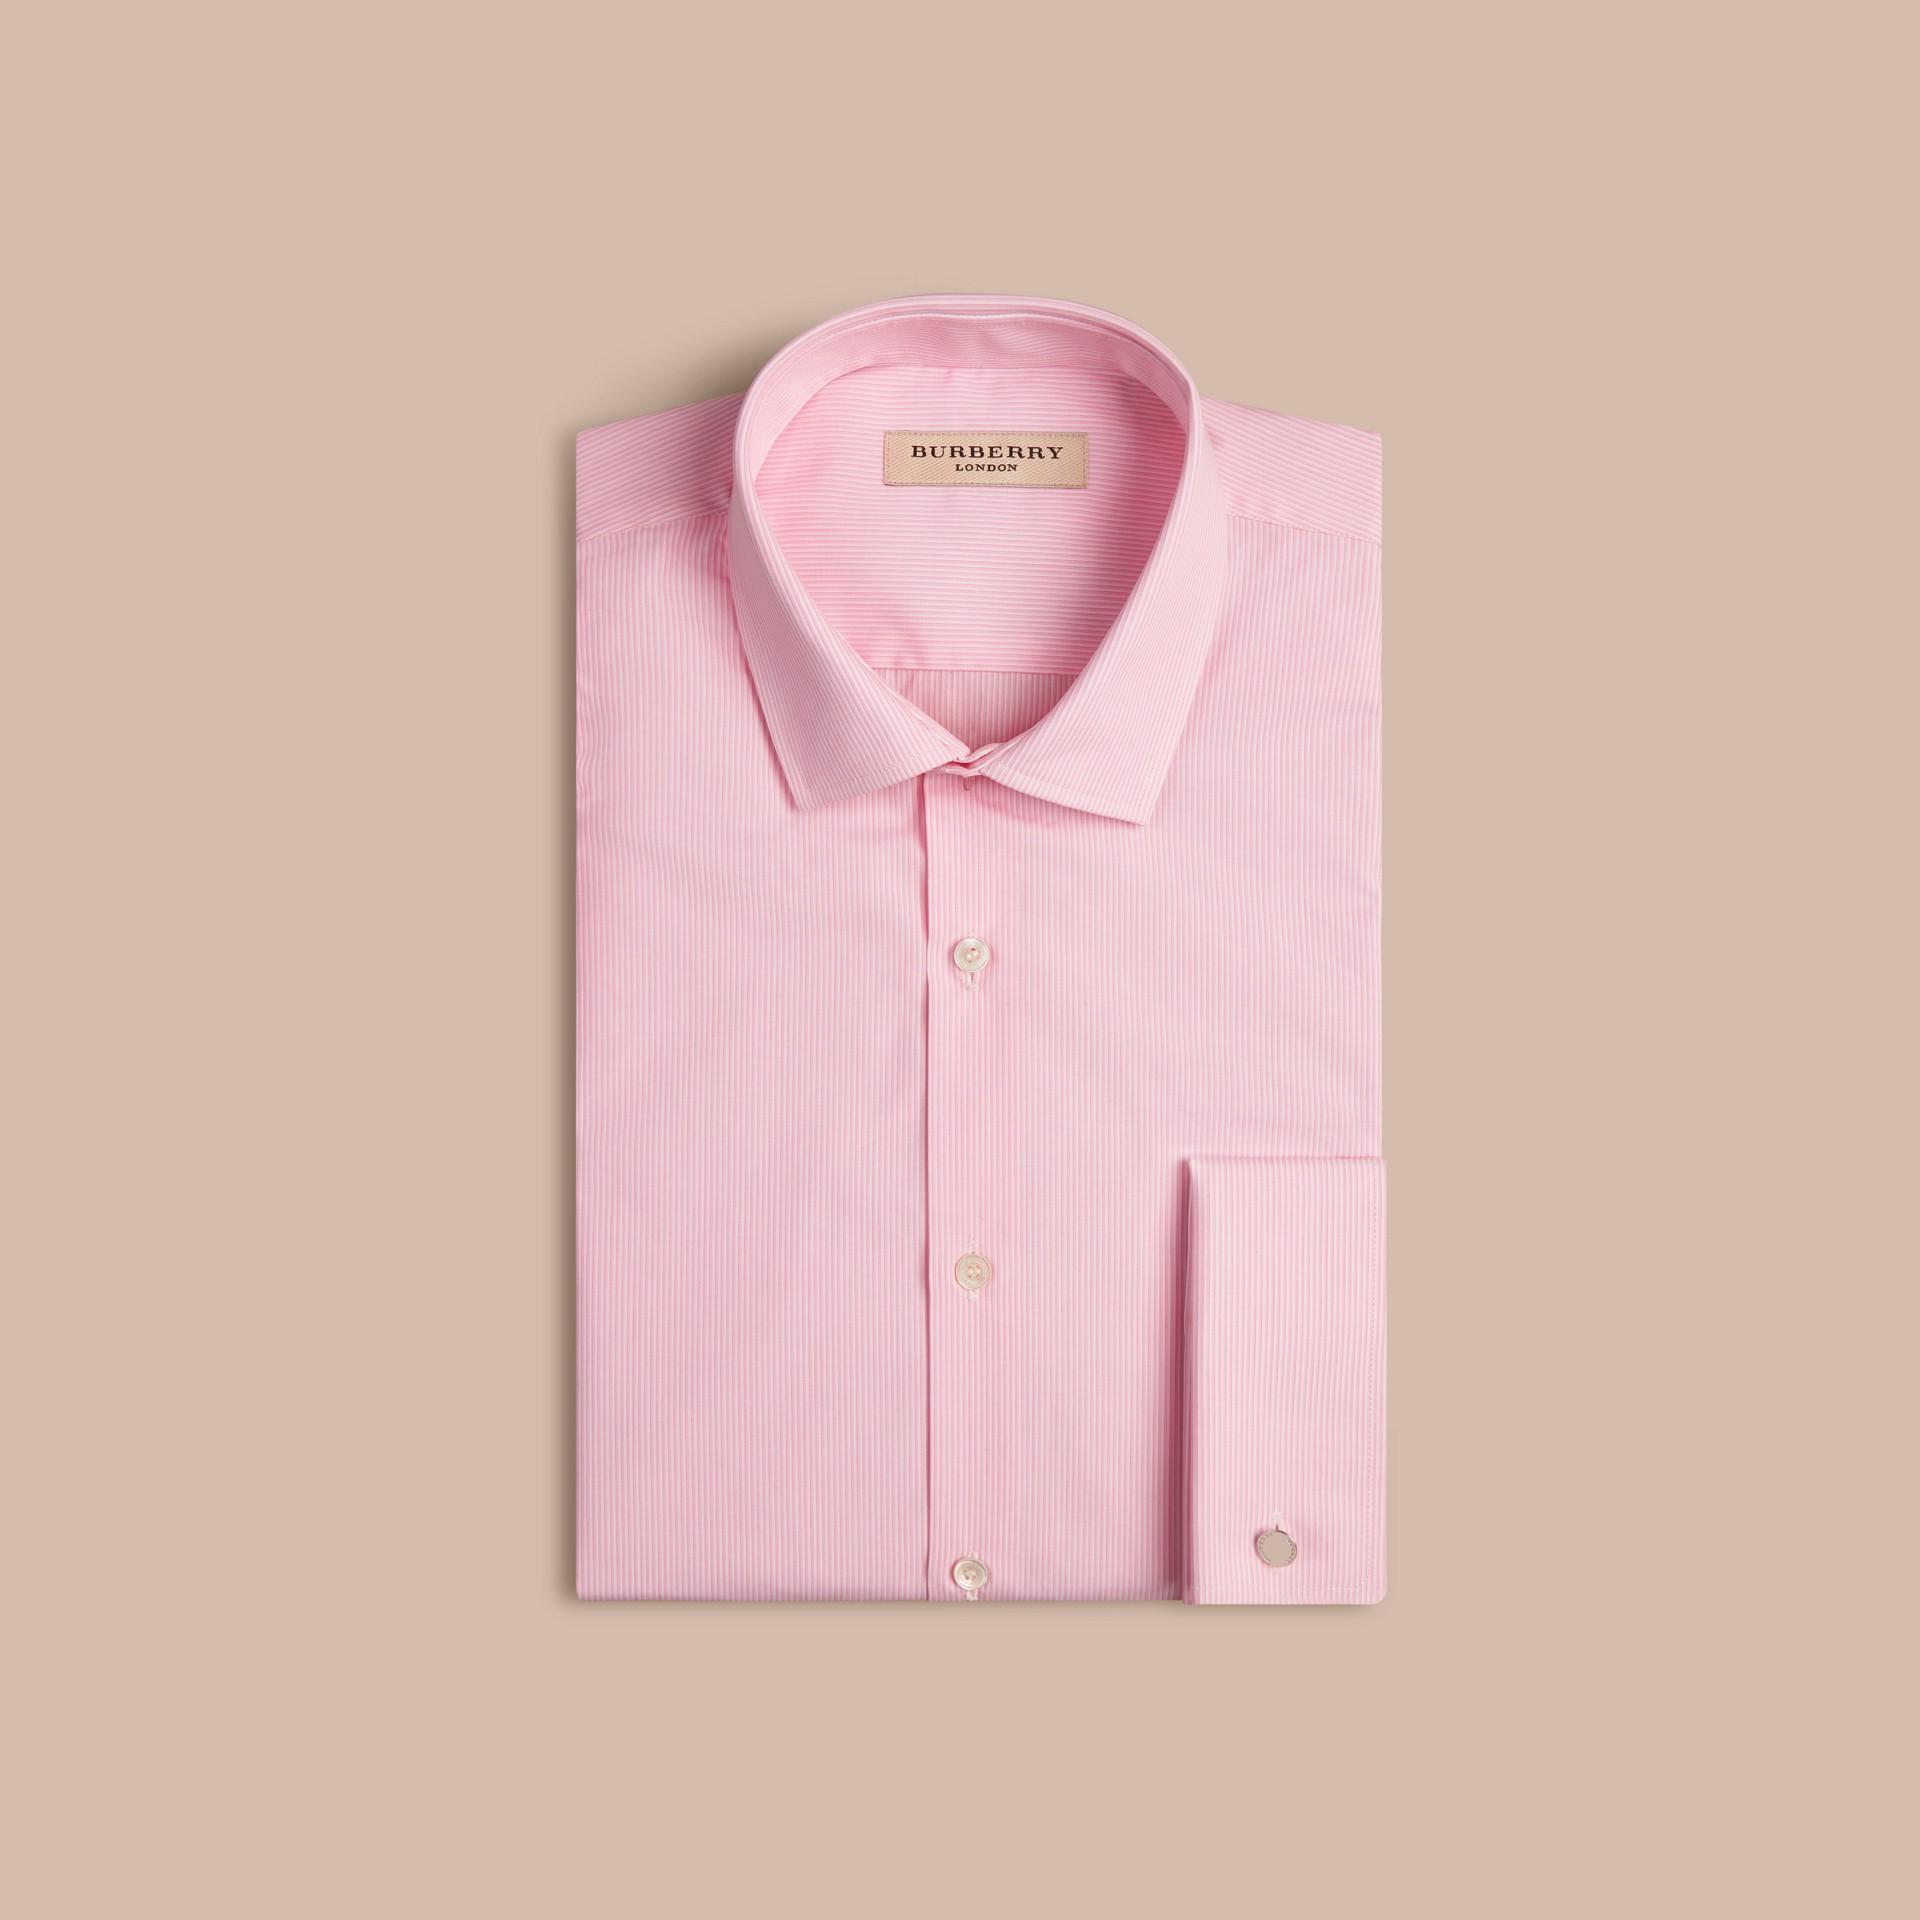 Rosa urbano Camicia moderna a righe in popeline di cotone con polsini doppi - immagine della galleria 4